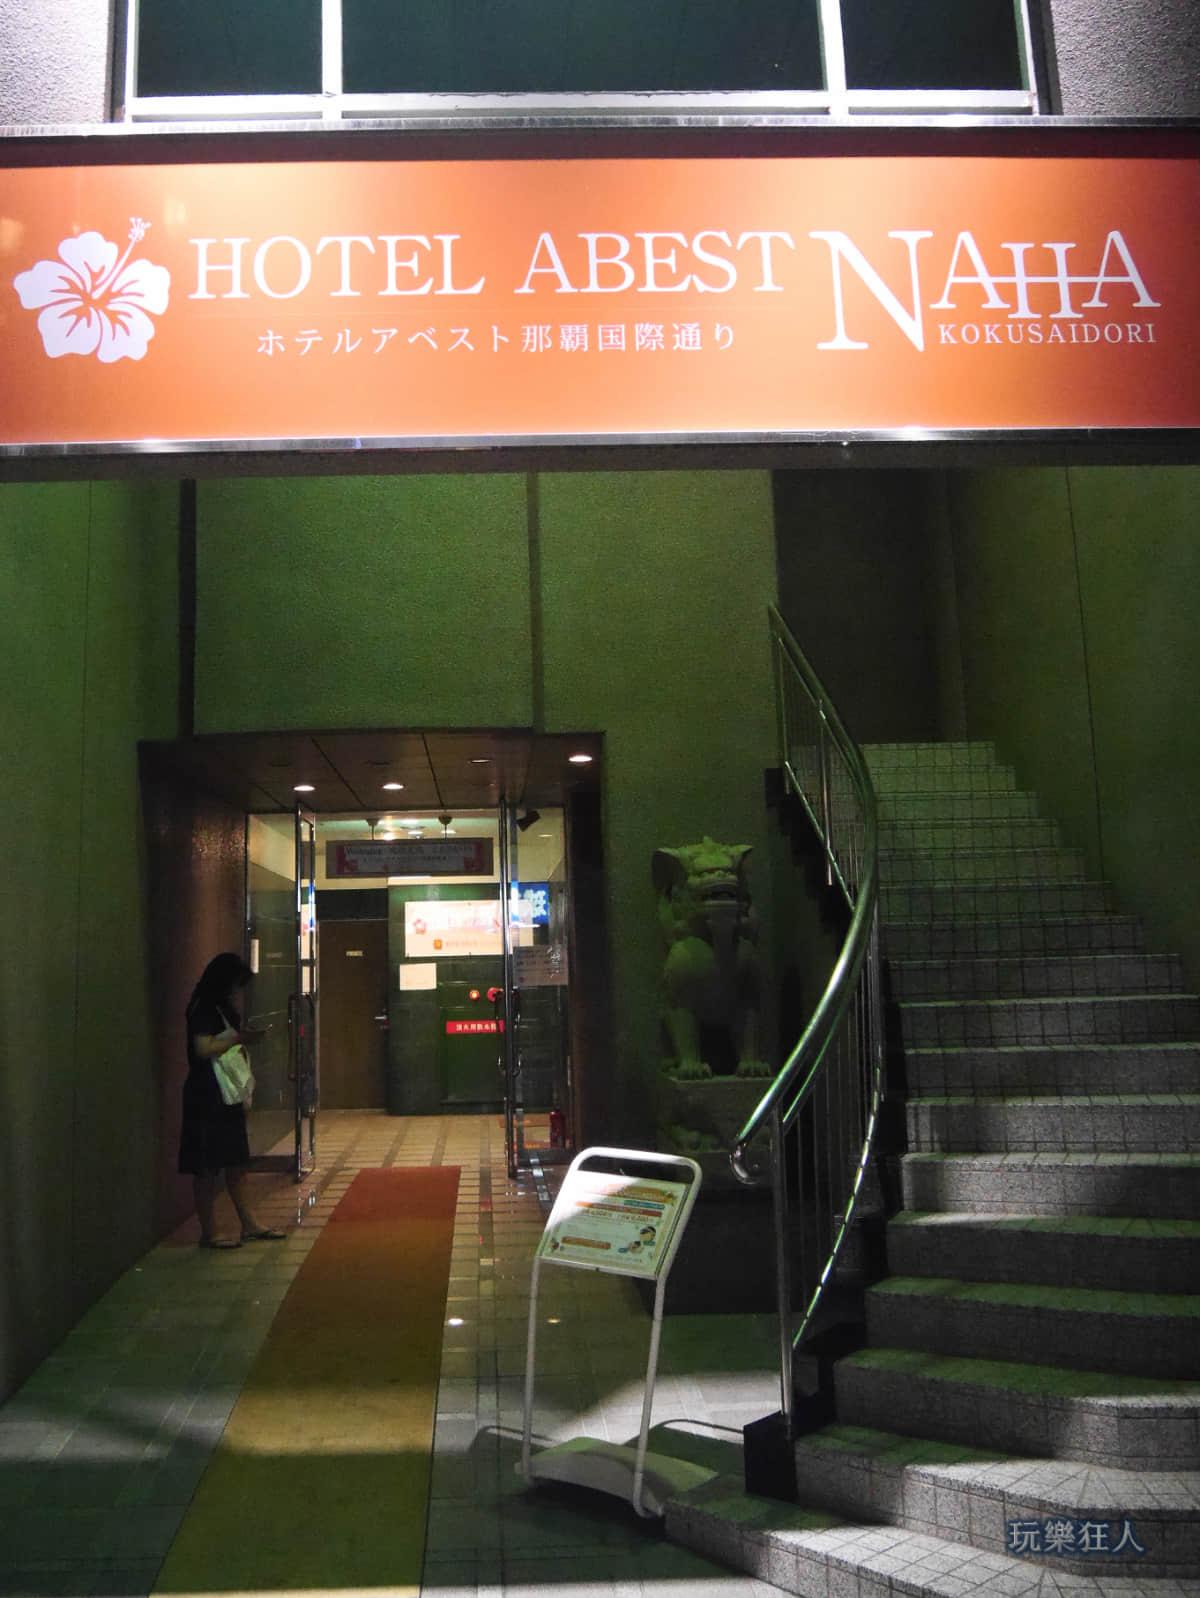 「艾貝斯特酒店」入口